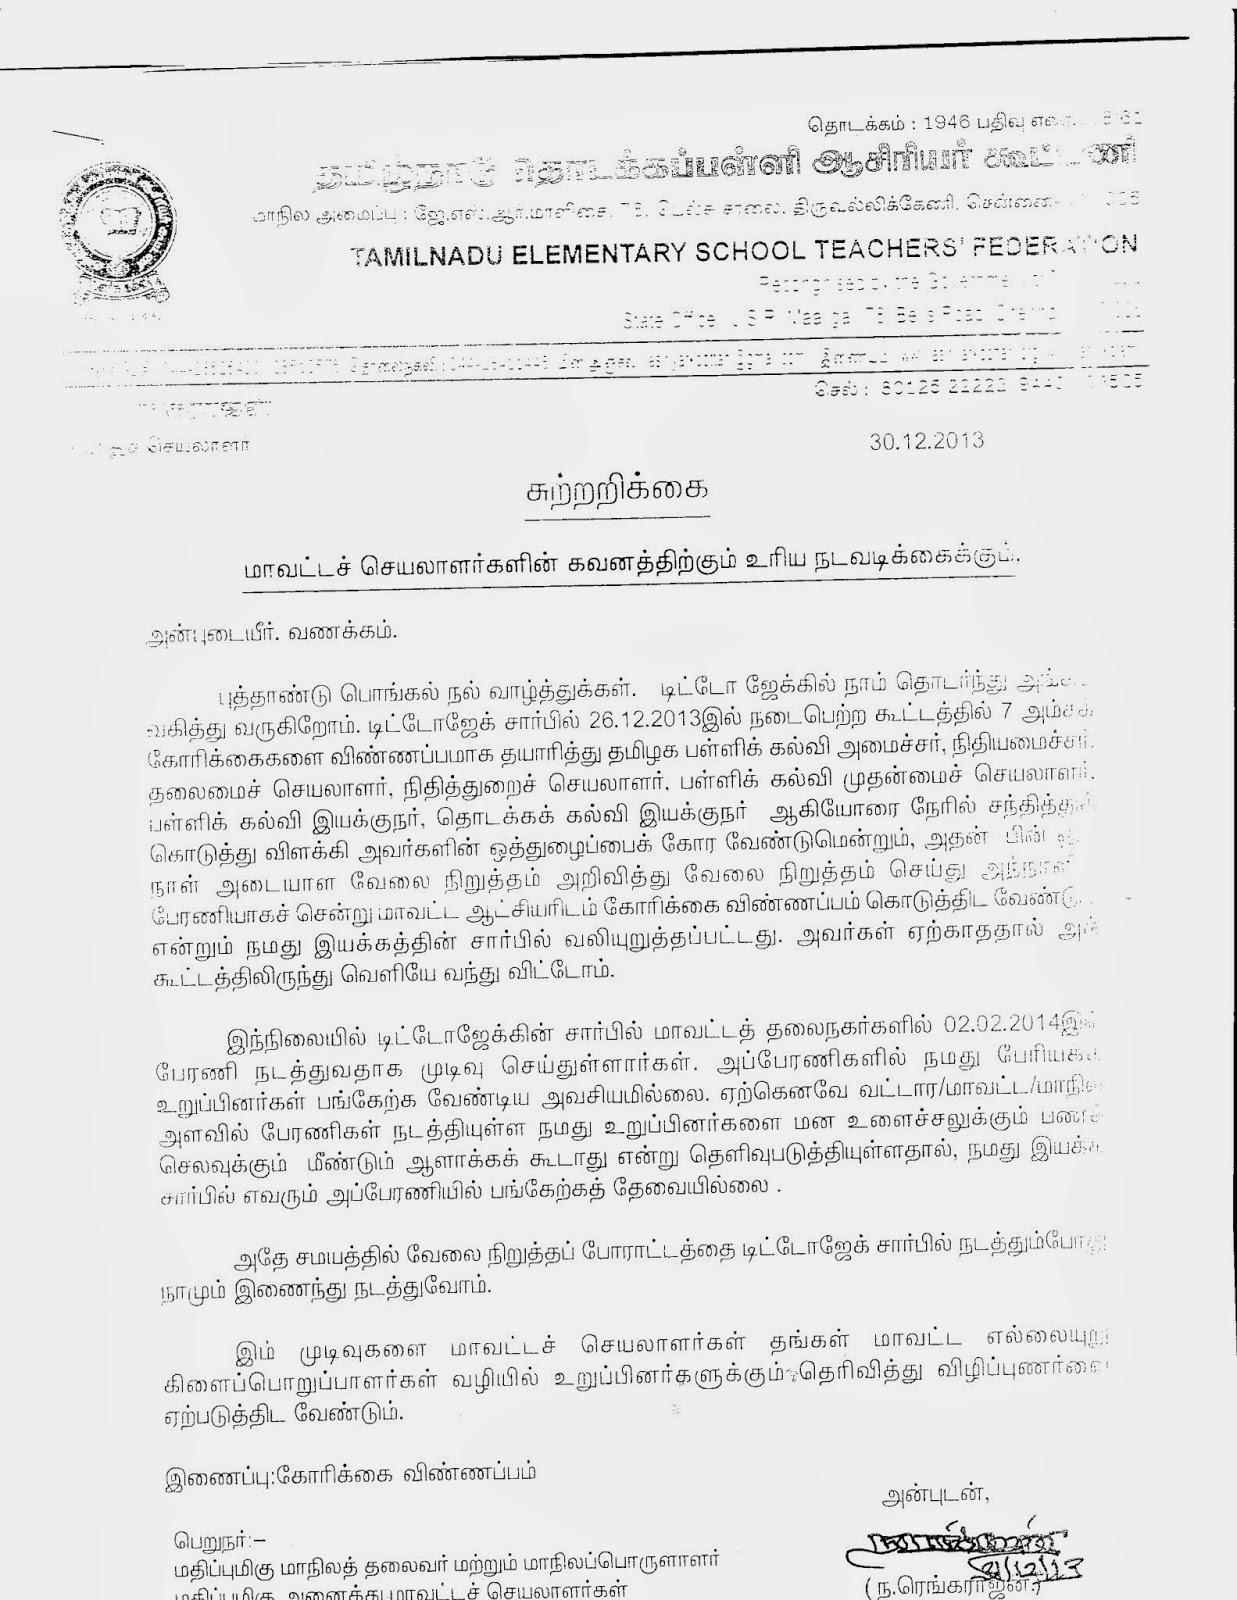 தொடக்கப் பள்ளி ஆசிரியர் கூட்டணி-திருமருகல்: OUR TESTF